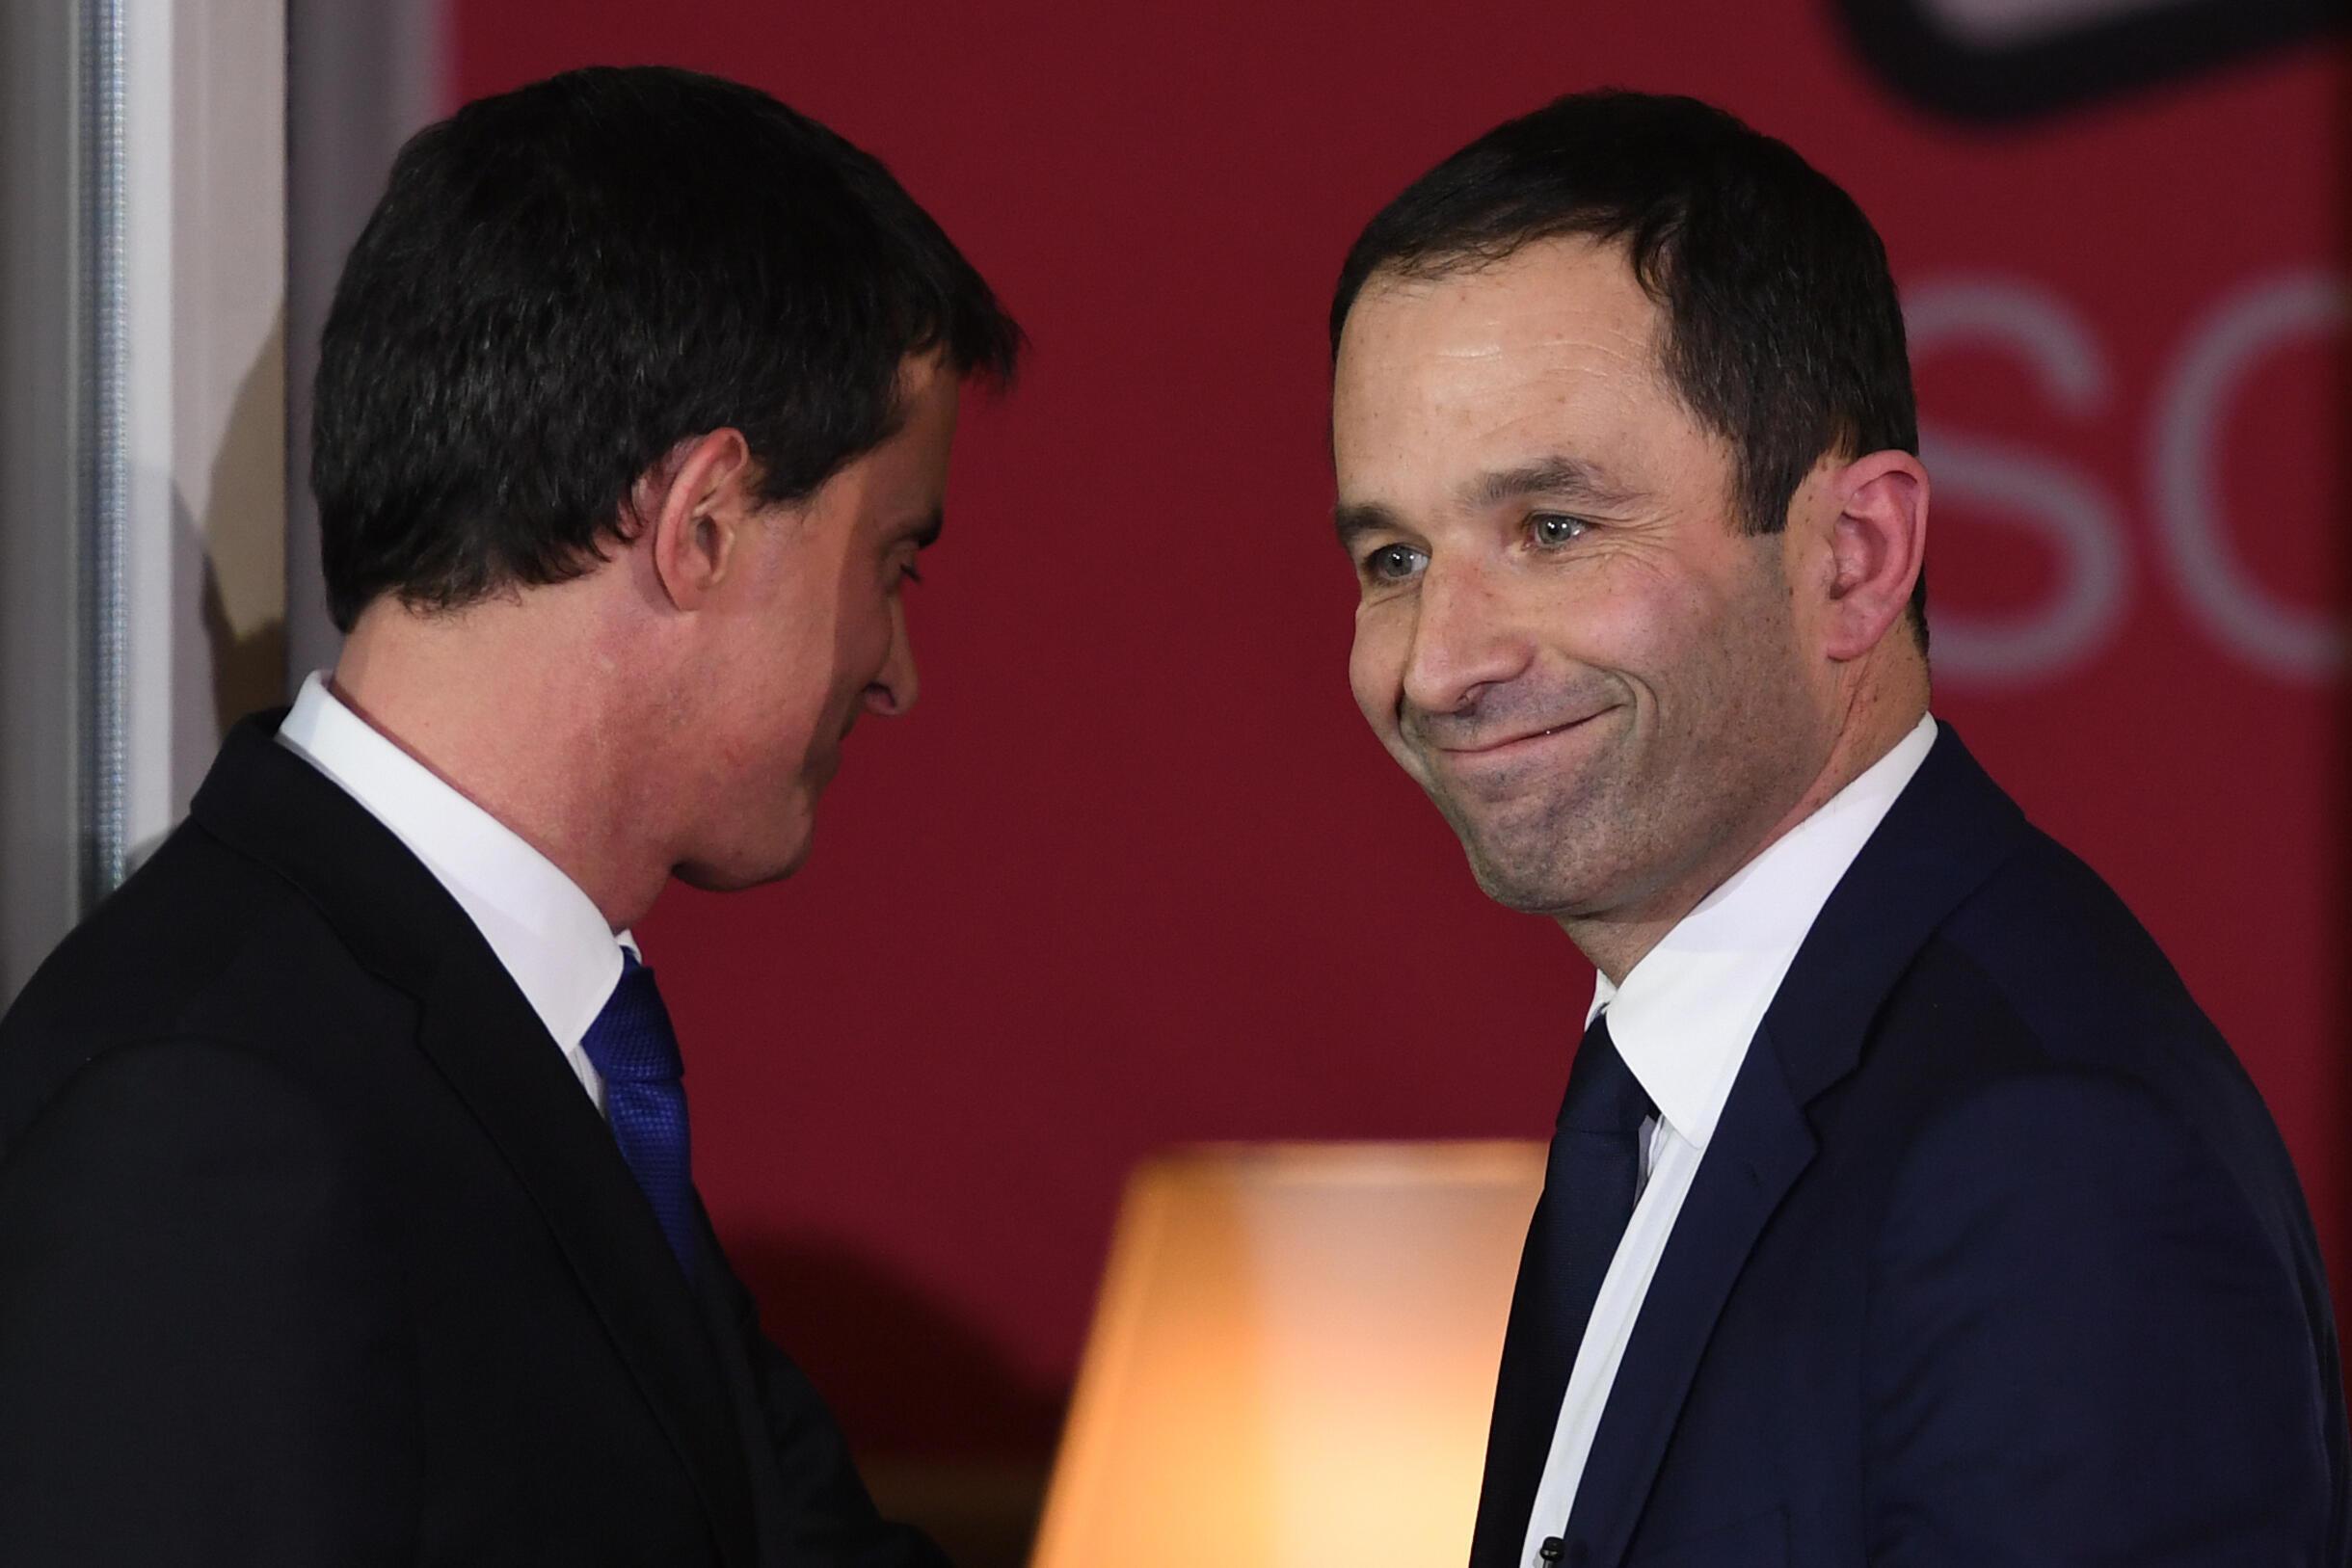 Benoît Hamon (R) with Manuel Valls after the Socialist primaries